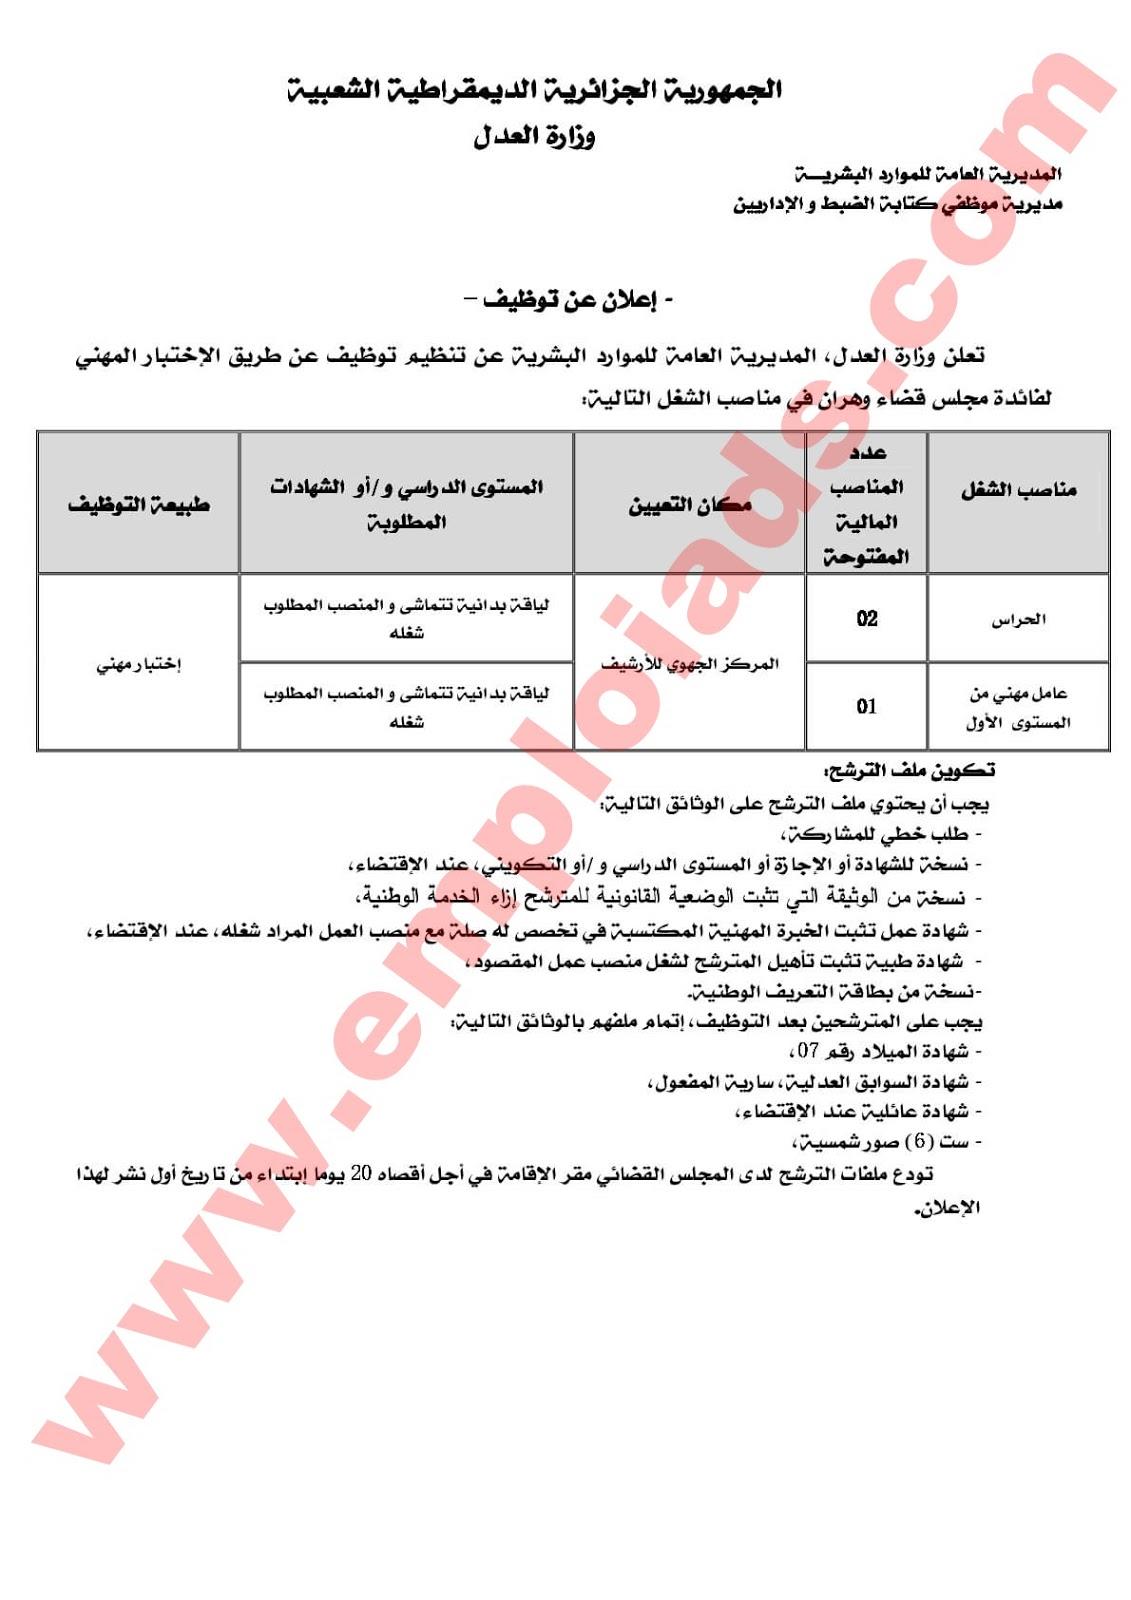 اعلان عن توظيف لفائدة مجلس القضاء لولاية وهران جانفي 2017